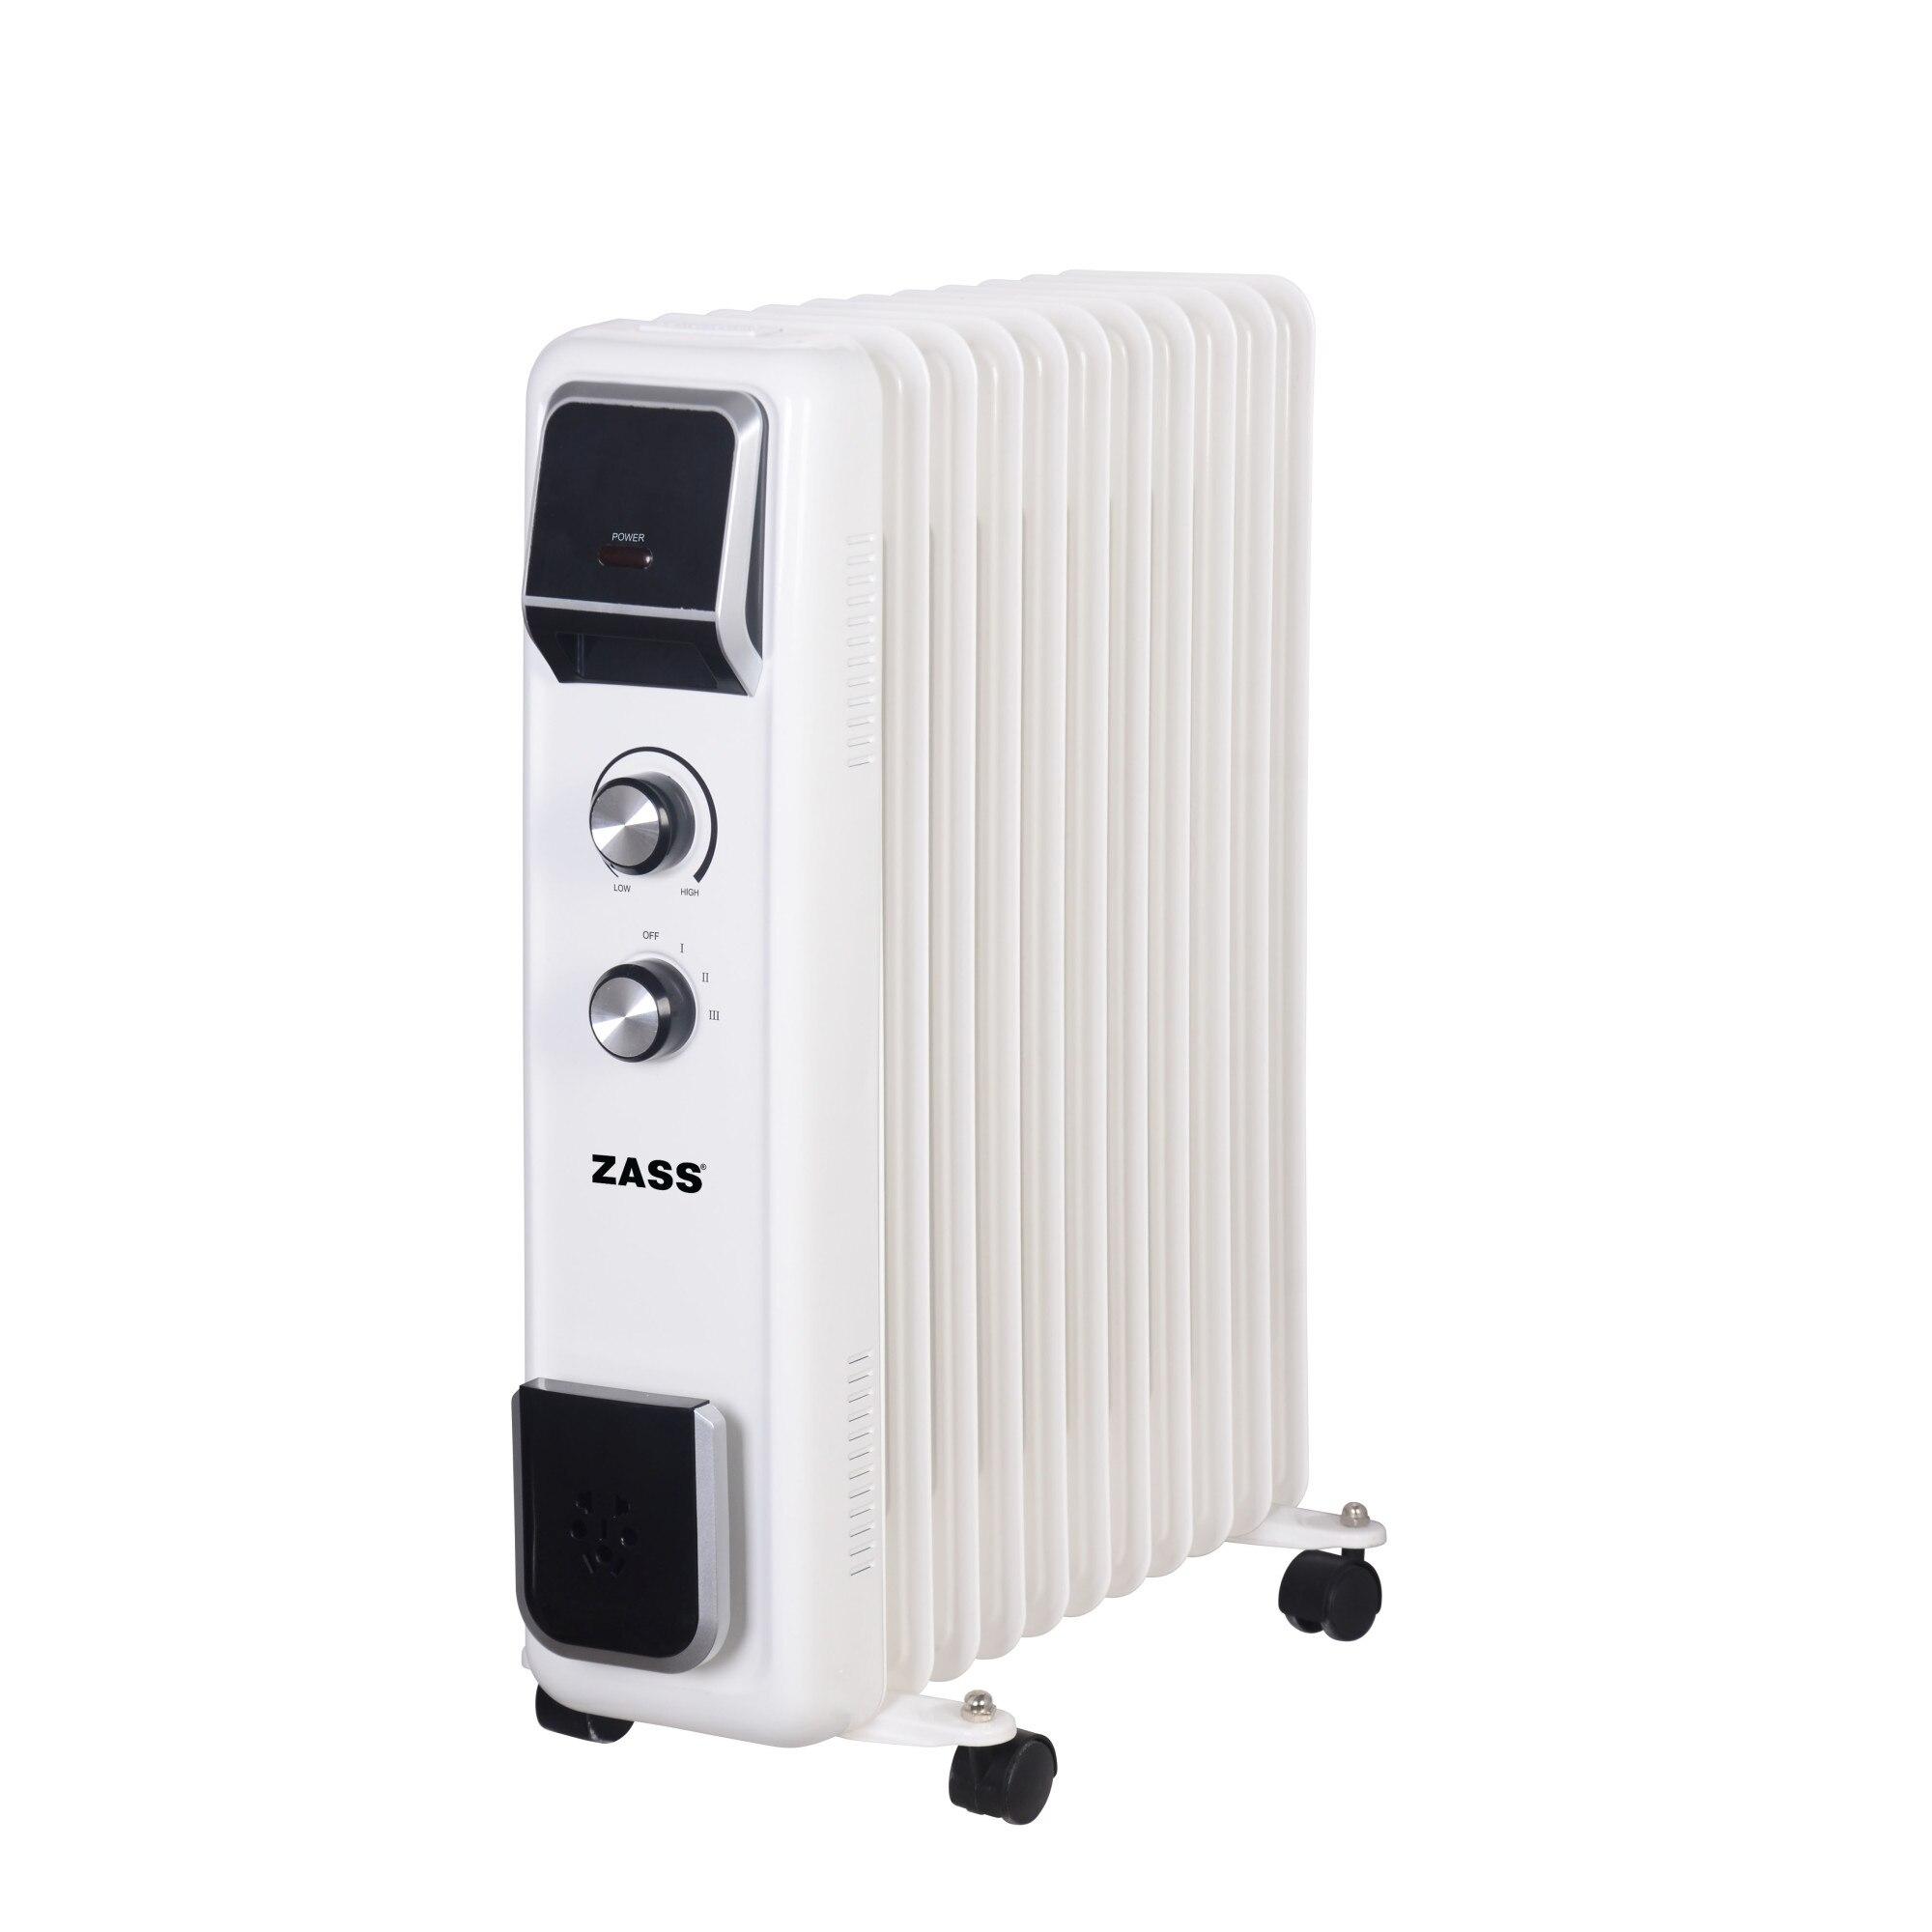 Fotografie Calorifer electric cu ulei Zass ZR 11 E, 2500 W, 11 elementi, termostat reglabil, protectie la supraincalzire